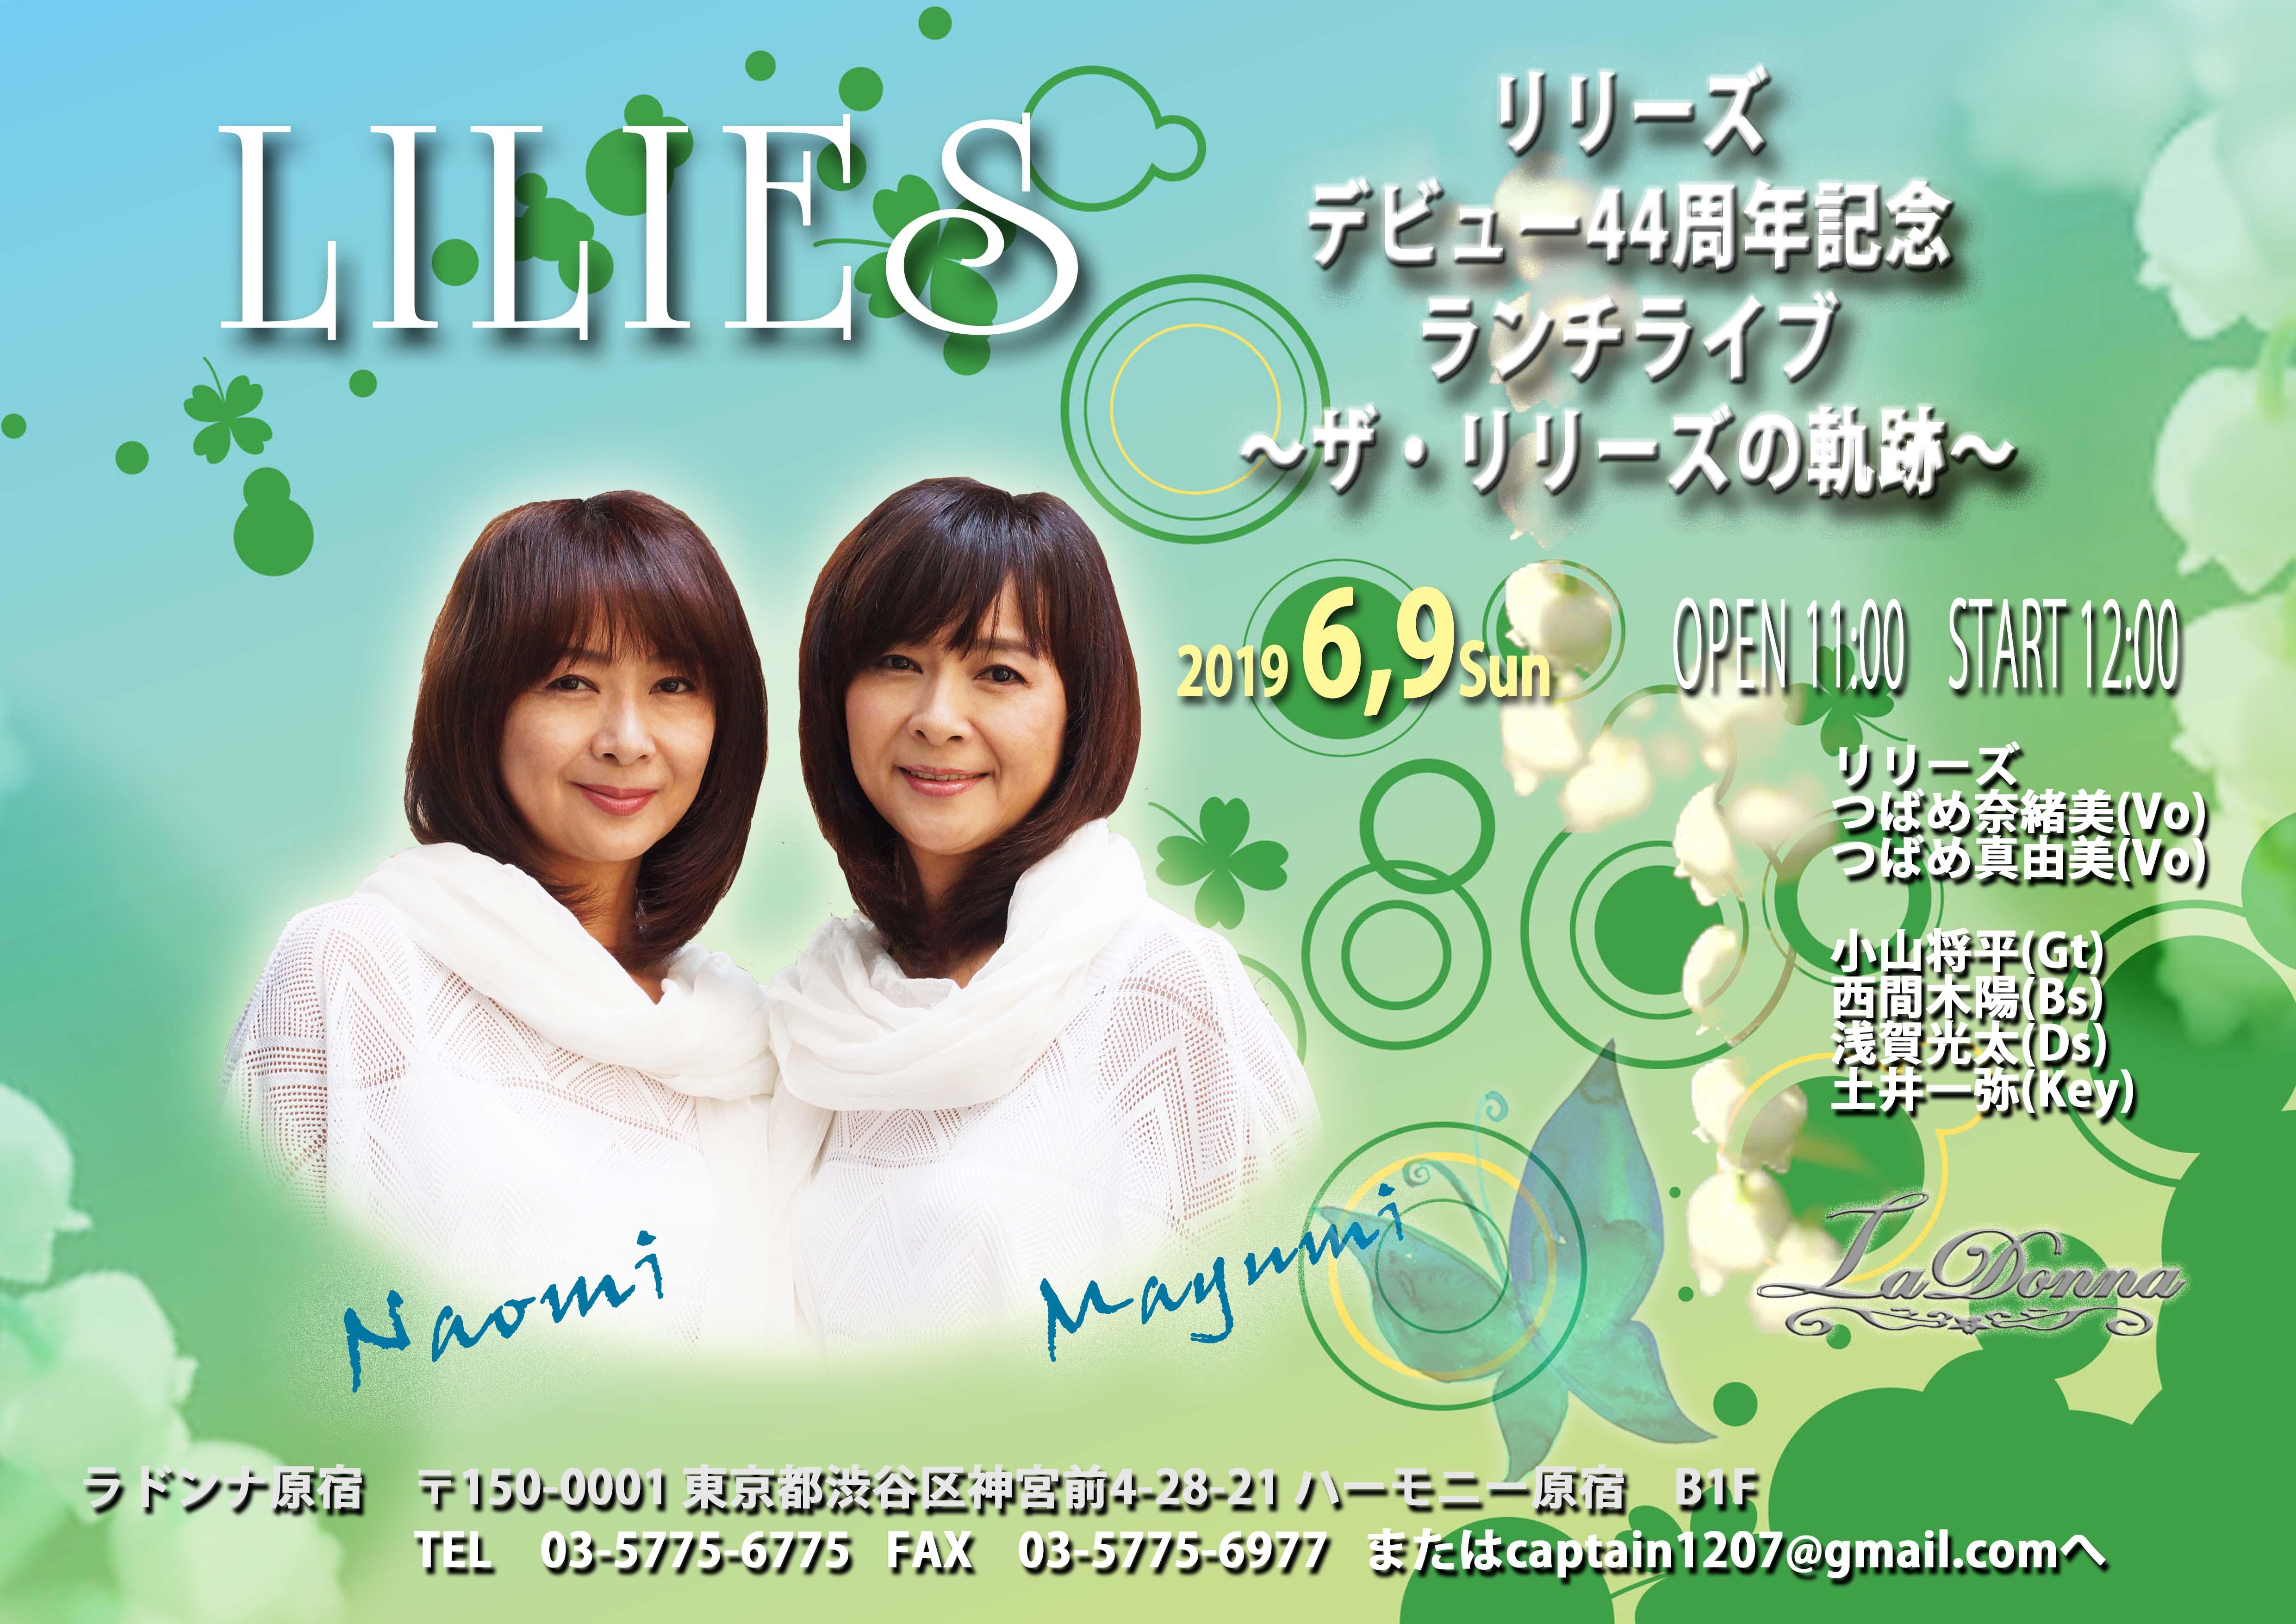 リリーズ デビュー44周年記念 スペシャルランチライブ ~ザ・リリーズの軌跡~